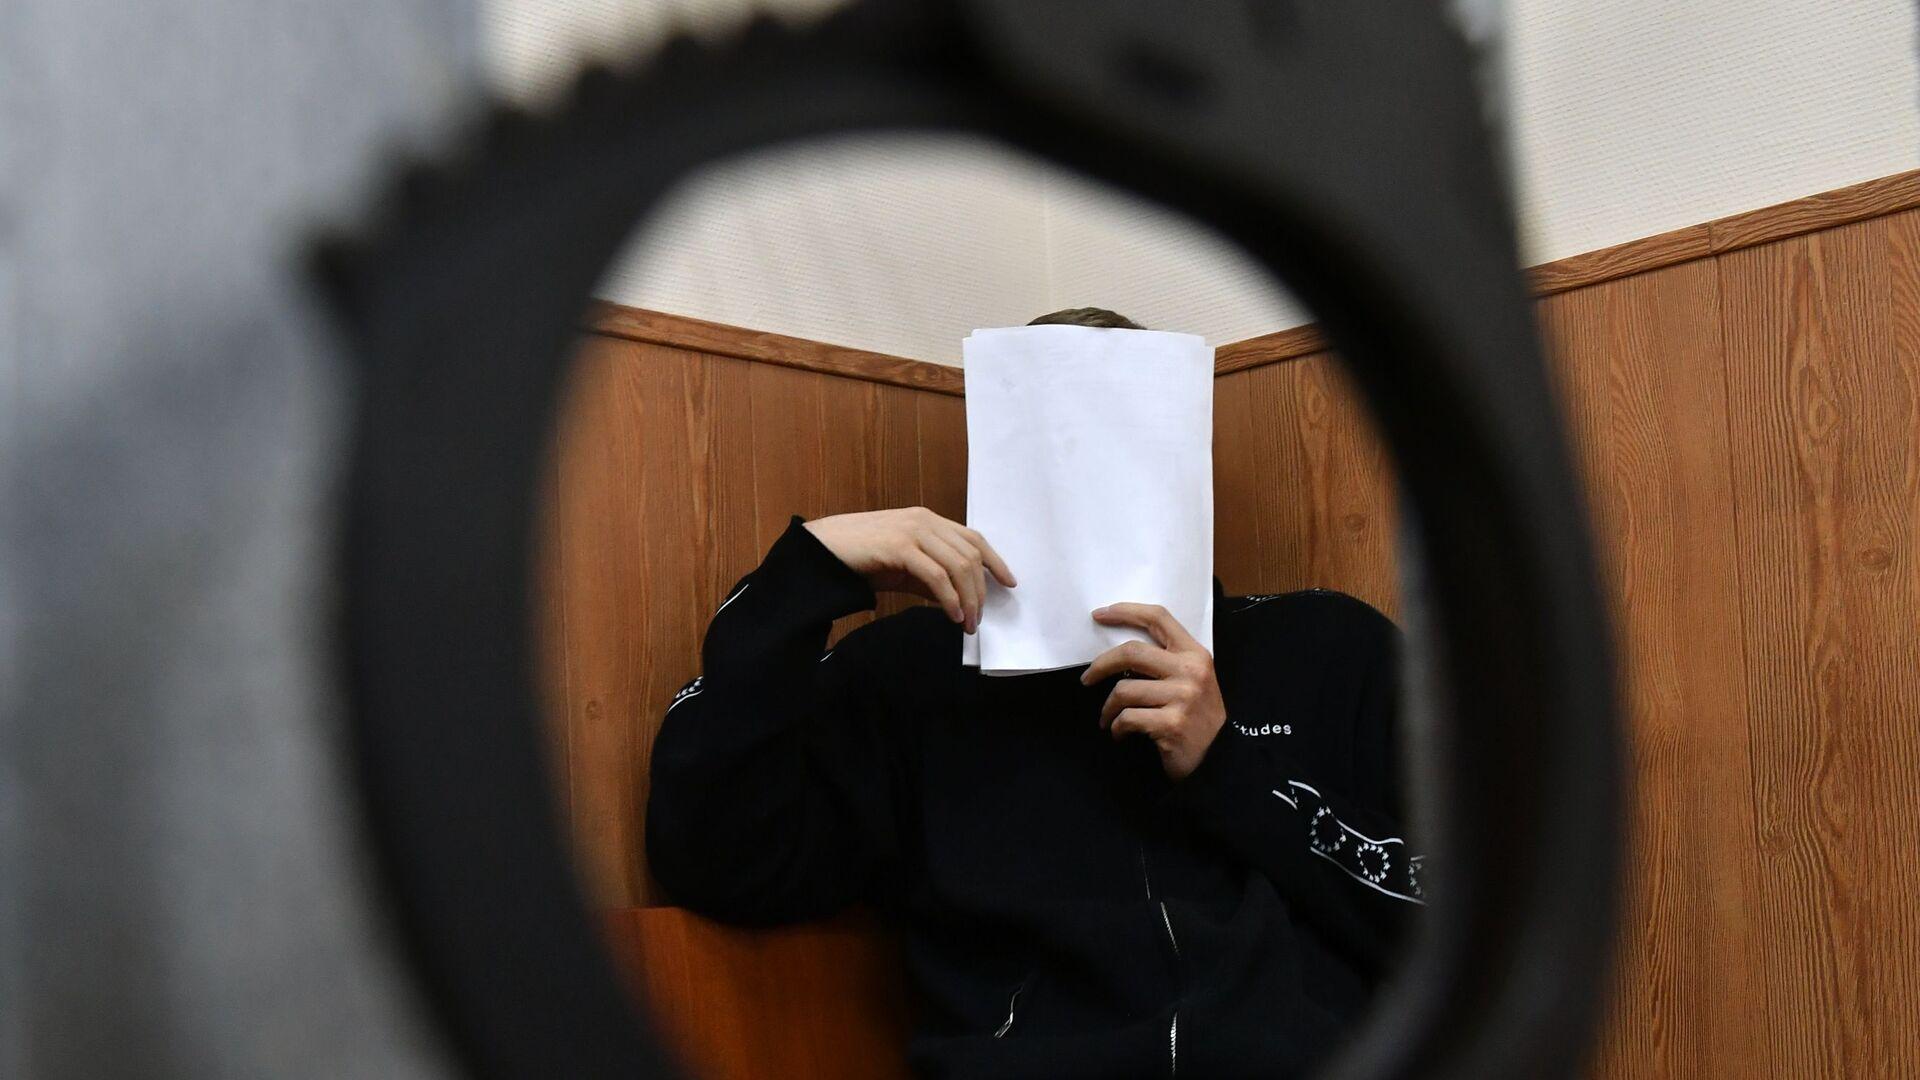 Суд над подозреваемым во взяточничестве. Архивное фото - РИА Новости, 1920, 09.12.2019